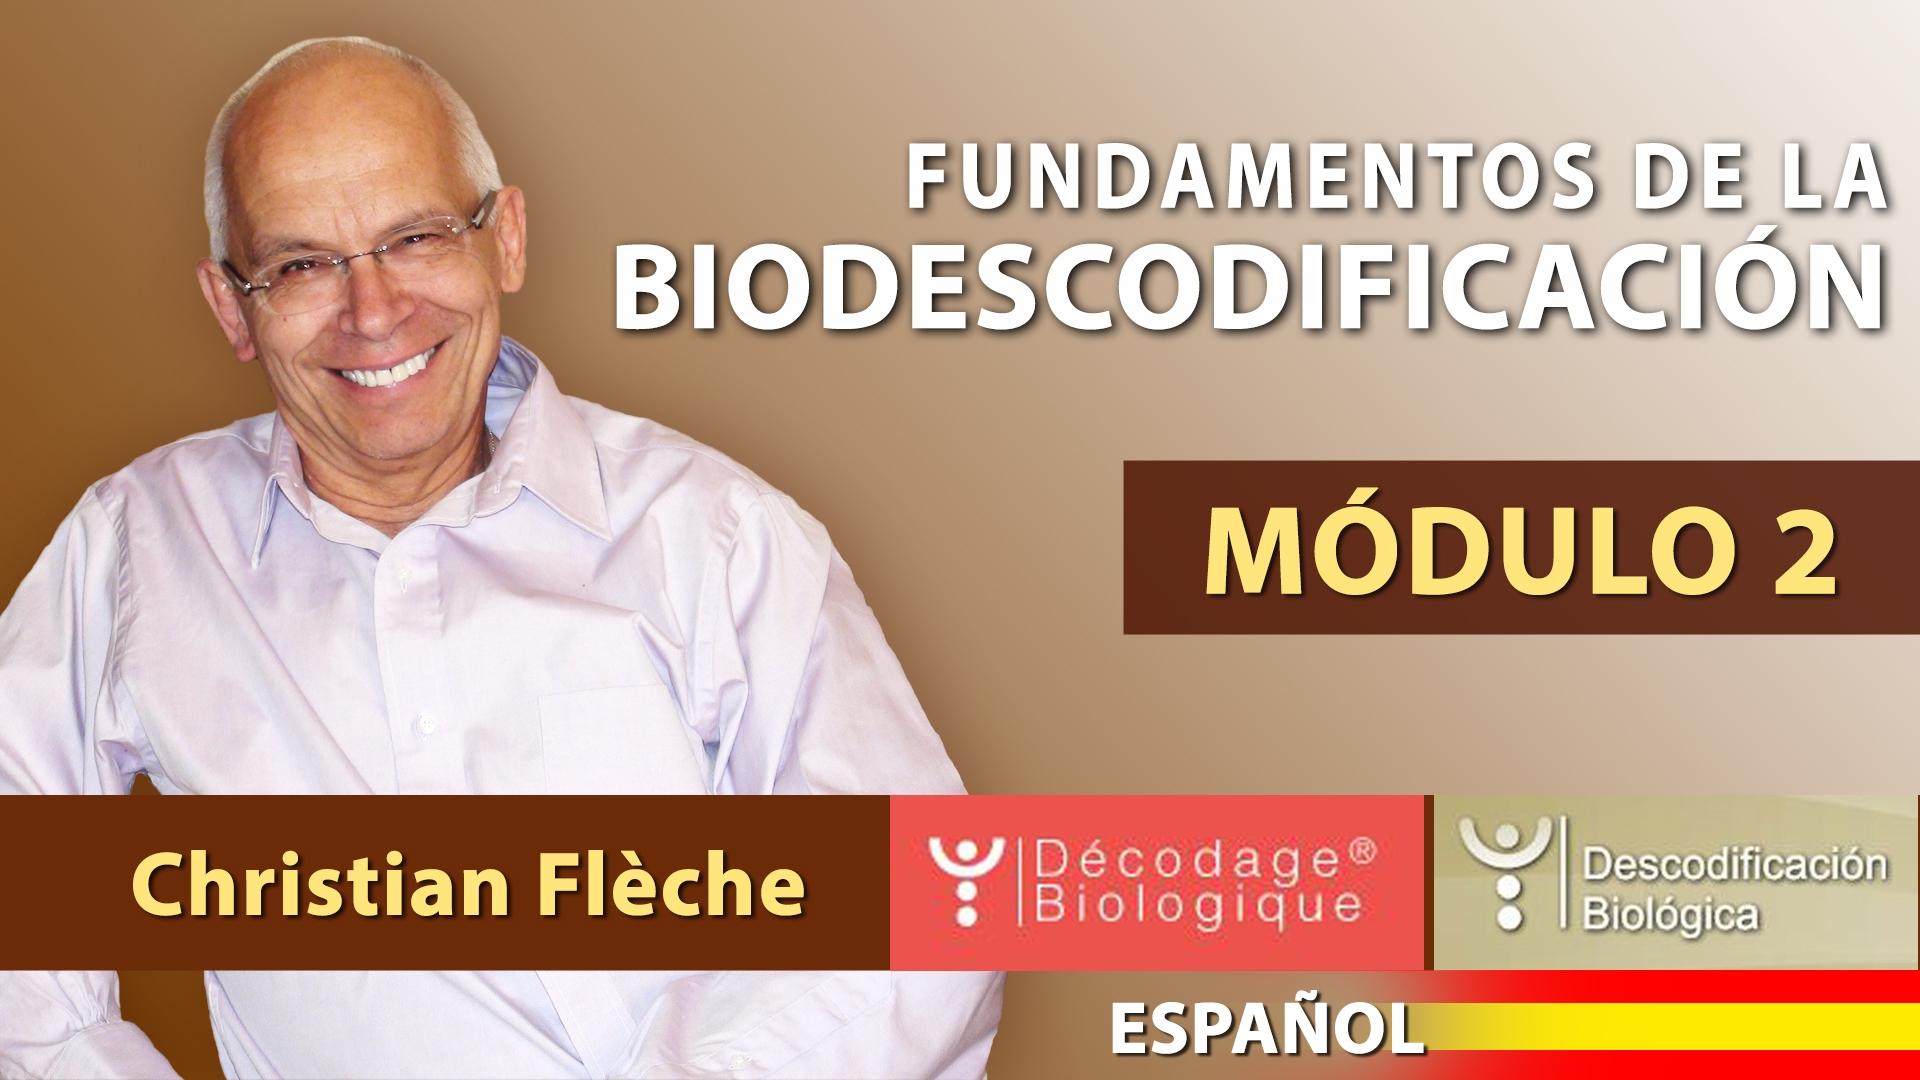 FUNDAMENTOS DE LA BIODESCODIFICACIÓN-MODULO 2 FORMACIÓN EN DIFERIDO